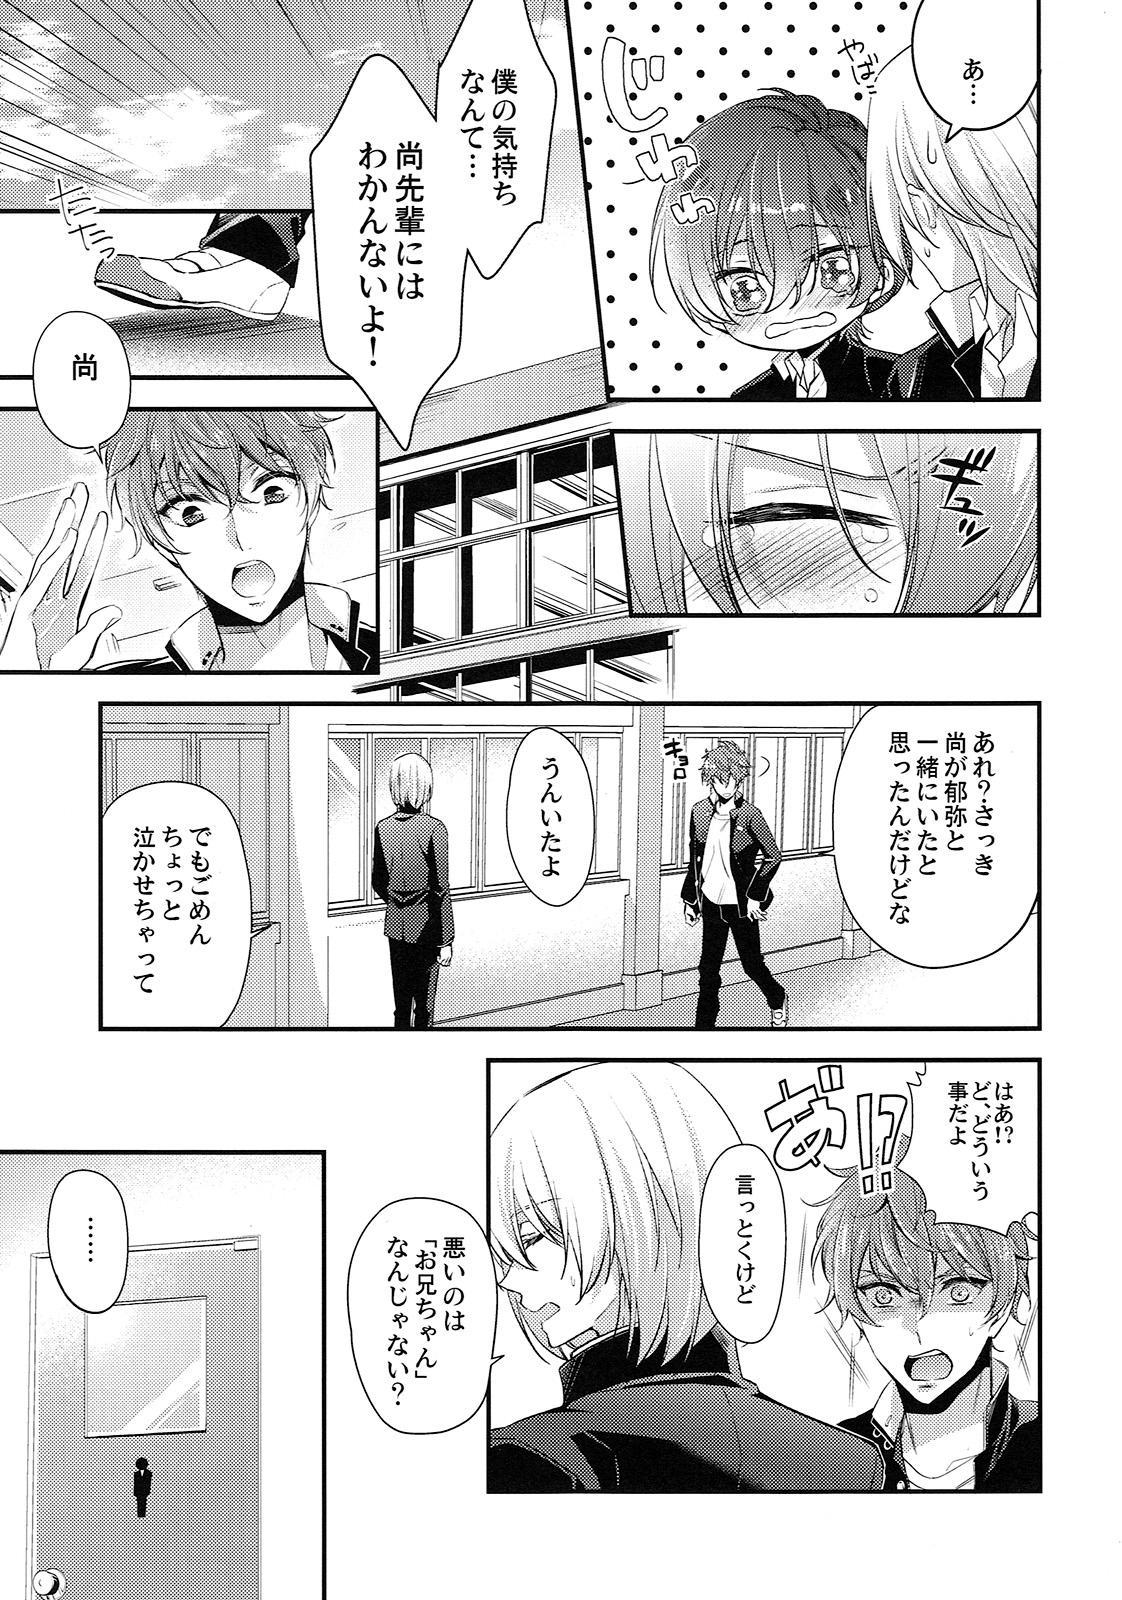 Aniki ga Kakkoyokute Shinpaisugiru! 3